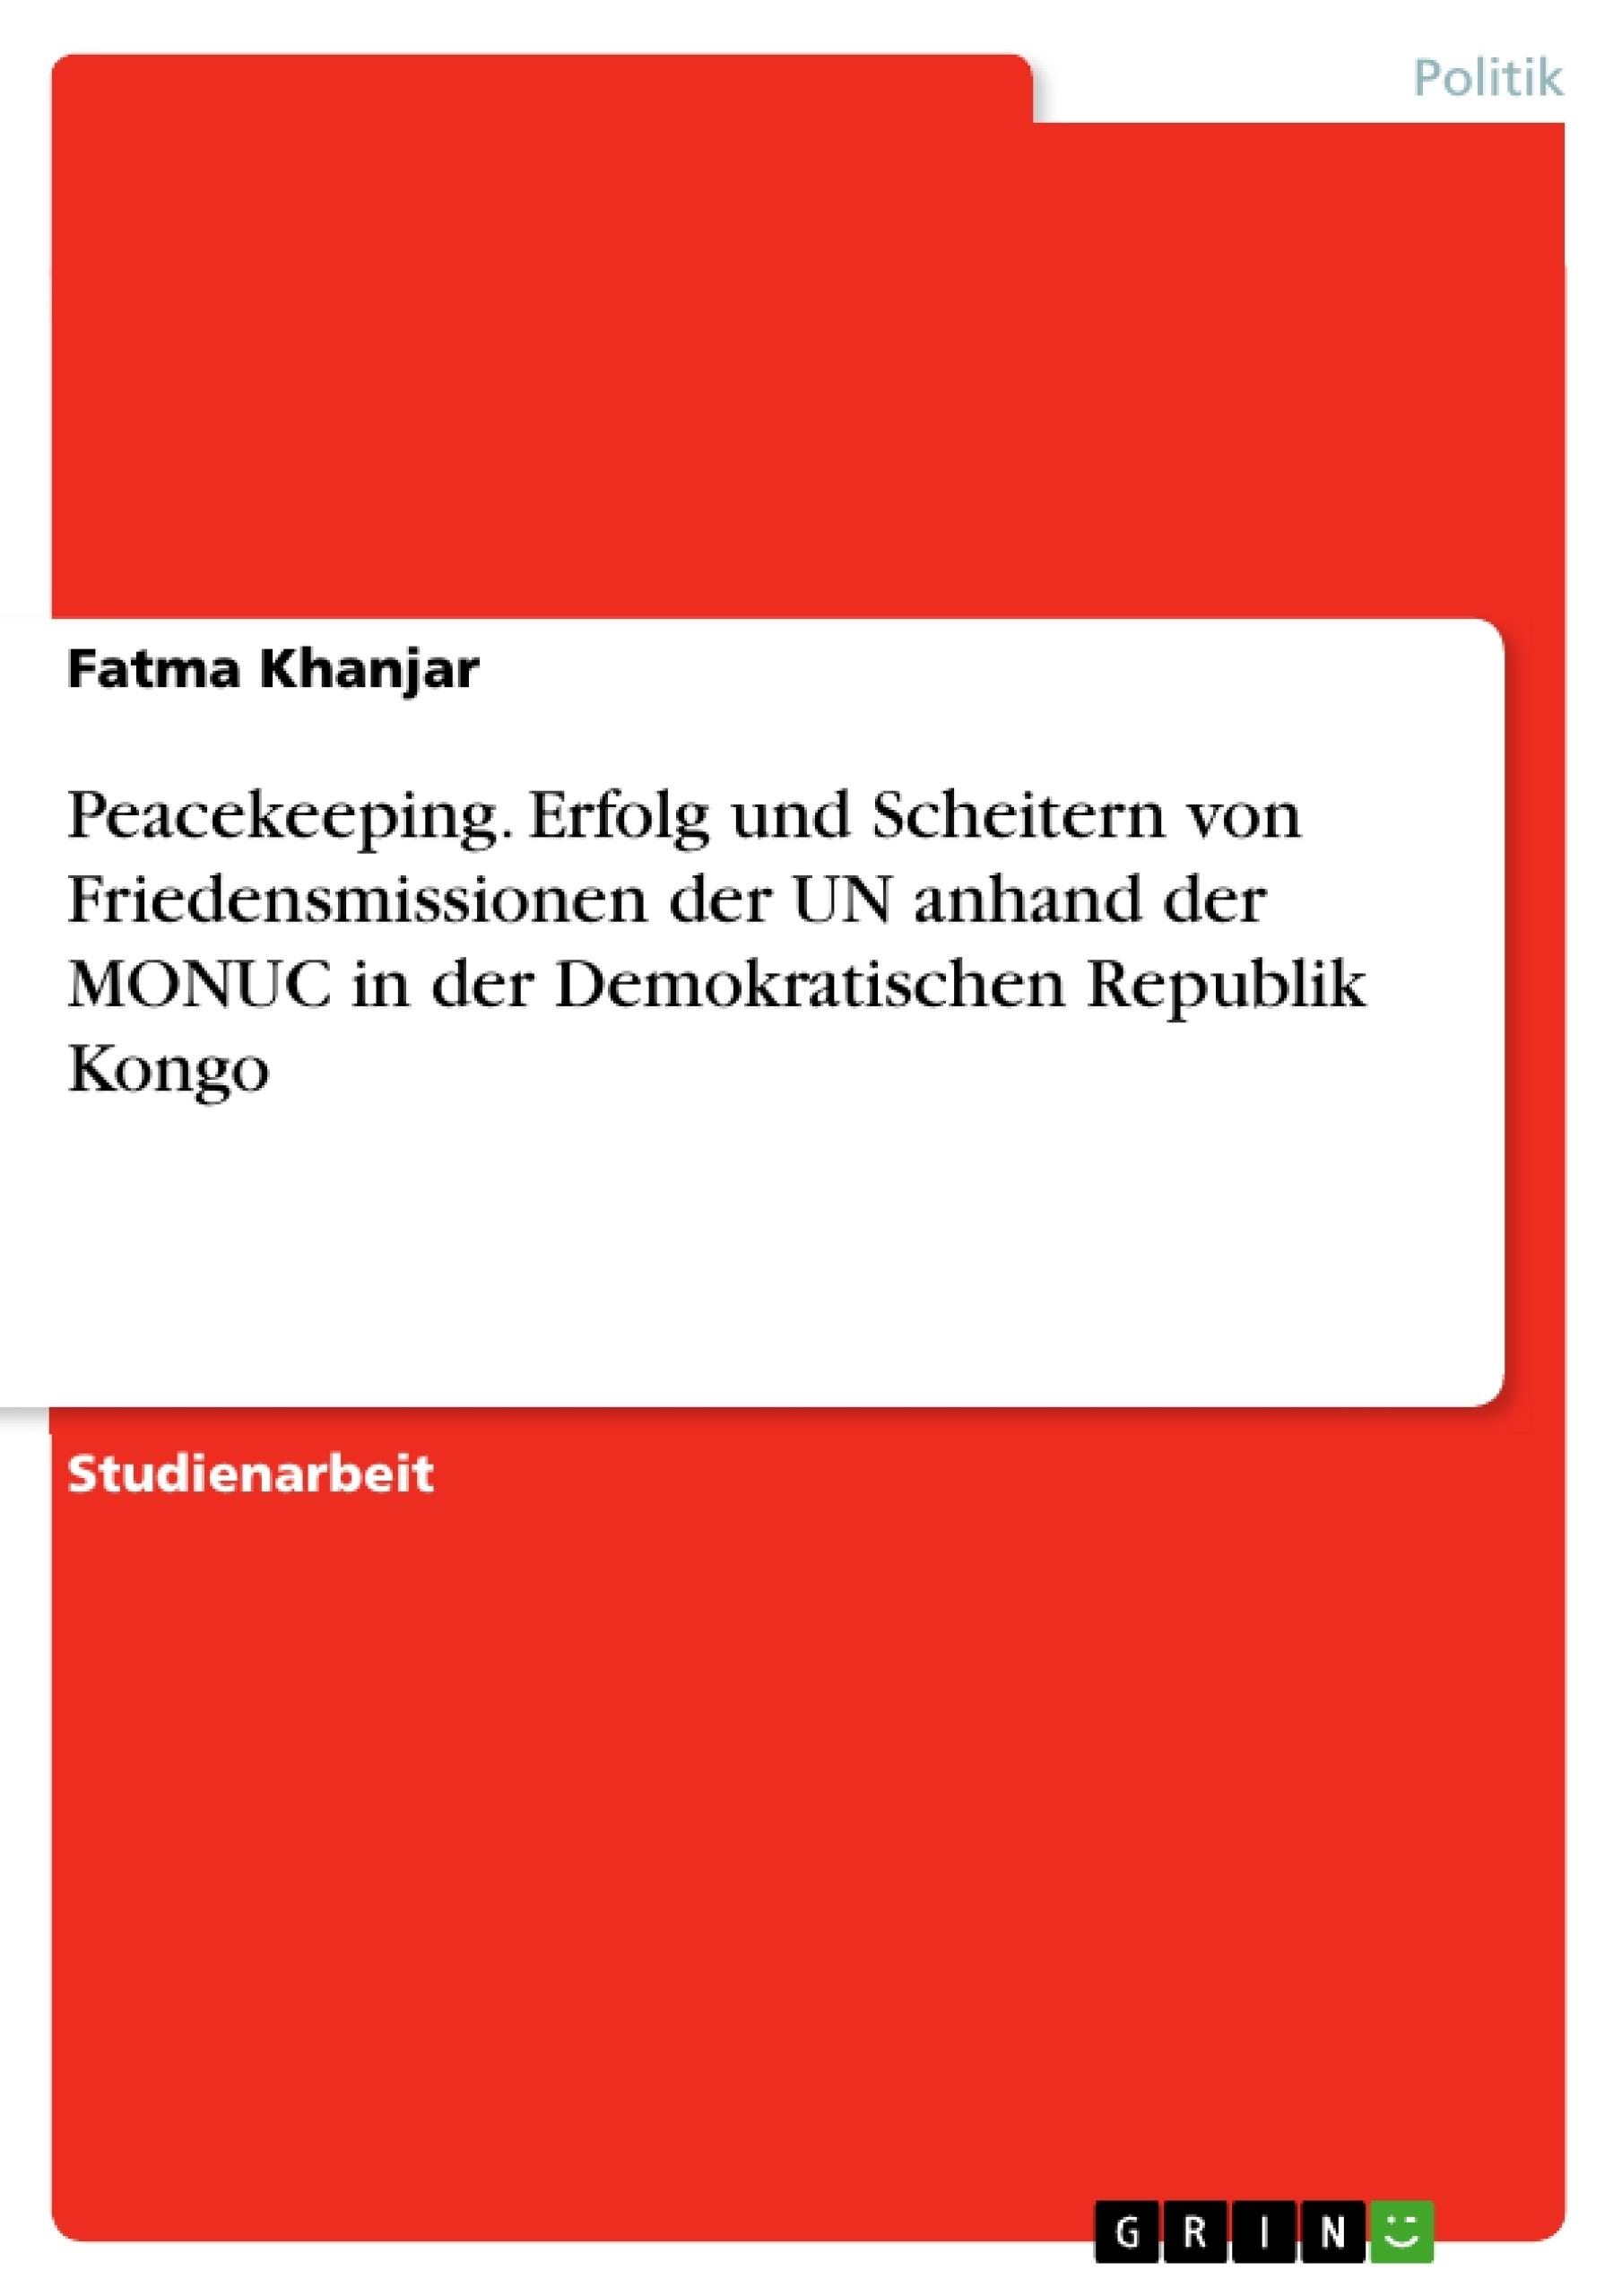 Titel: Peacekeeping. Erfolg und Scheitern von Friedensmissionen der UN anhand der MONUC in der Demokratischen Republik Kongo